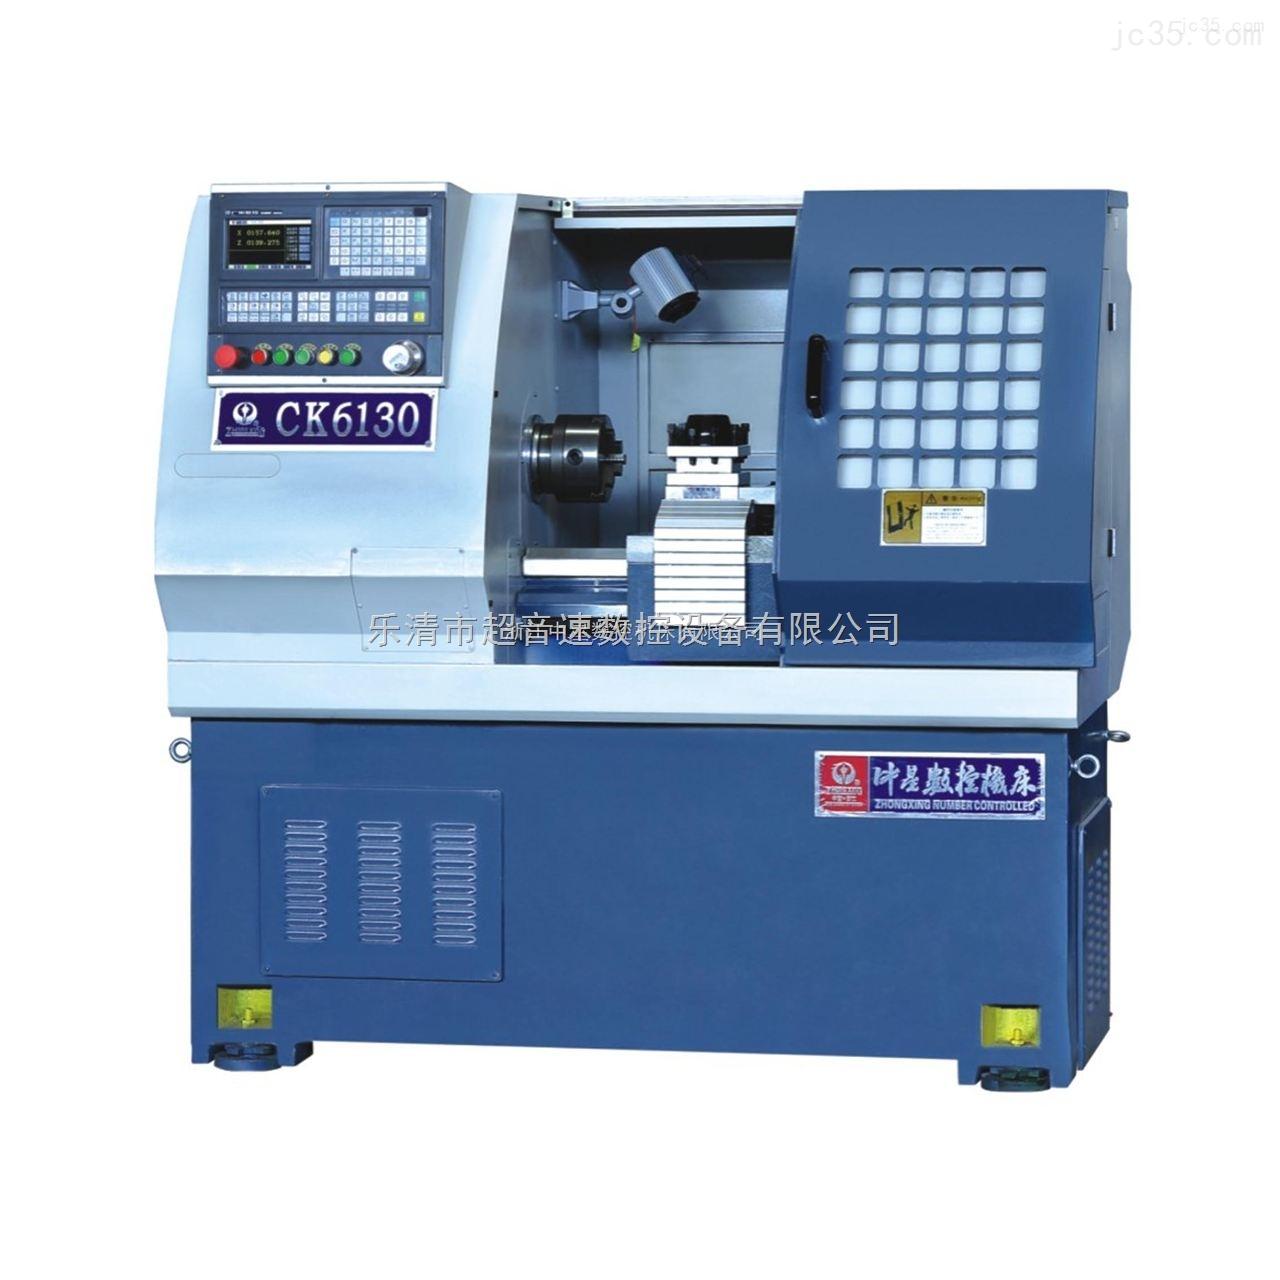 ck6130-数控车床-乐清市超音速数控设备有限公司